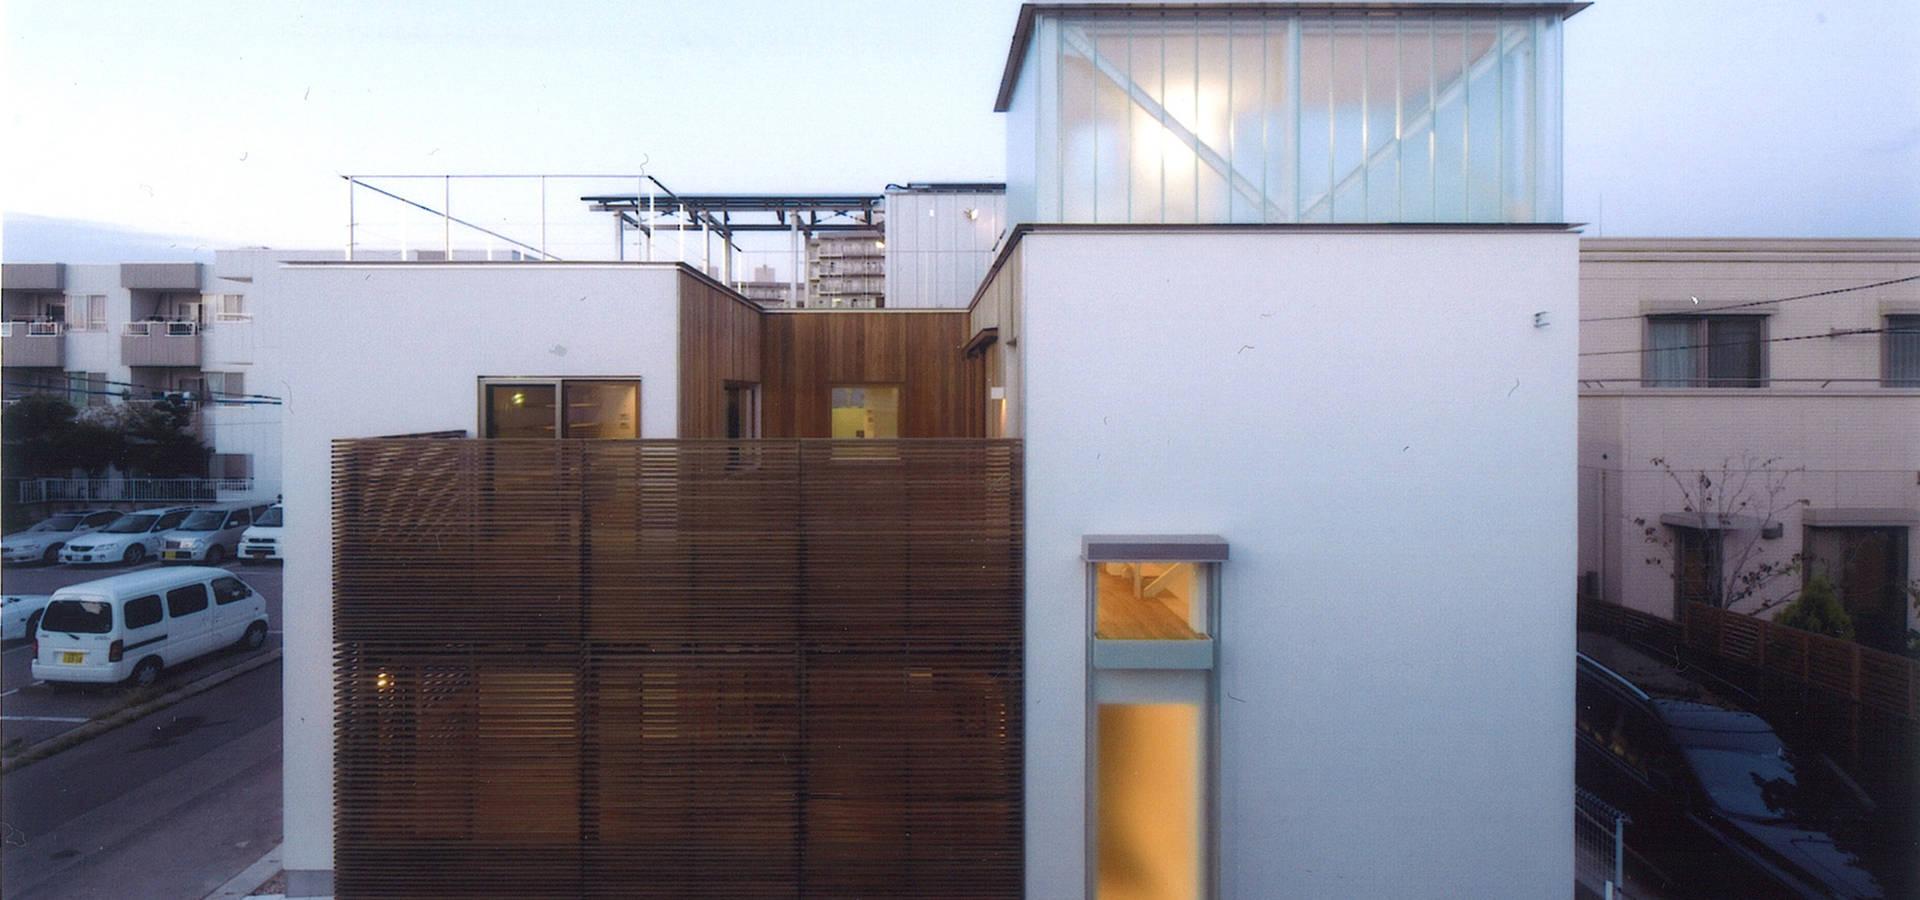 ツチヤタケシ建築事務所